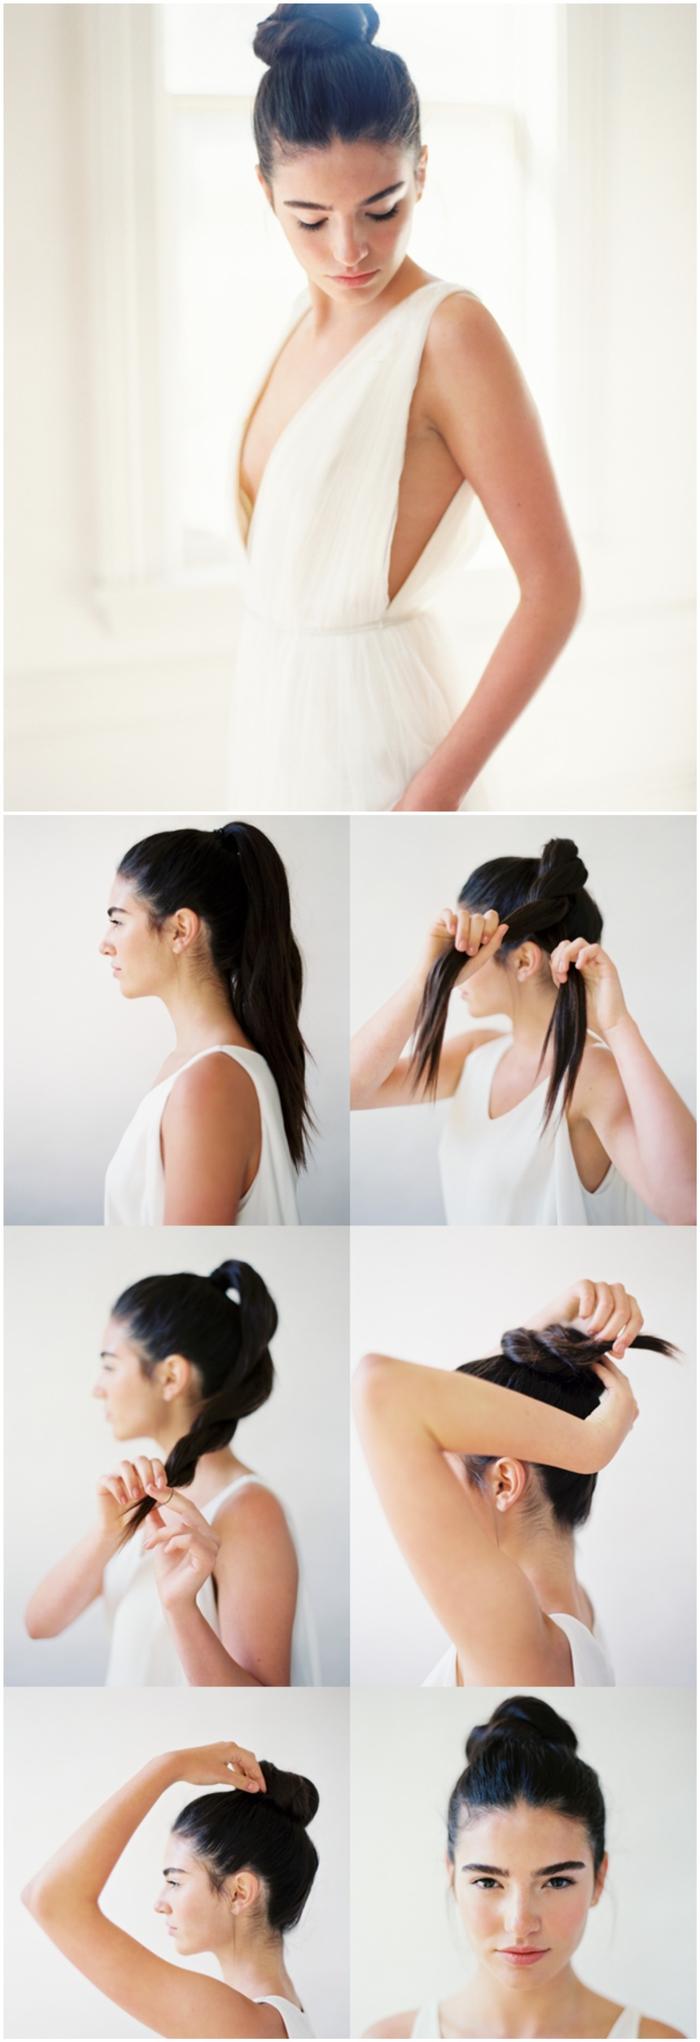 tuto chignon facile de danseuse pour les nuls en coiffure, idée pour une coiffure d'élégance intemporelle